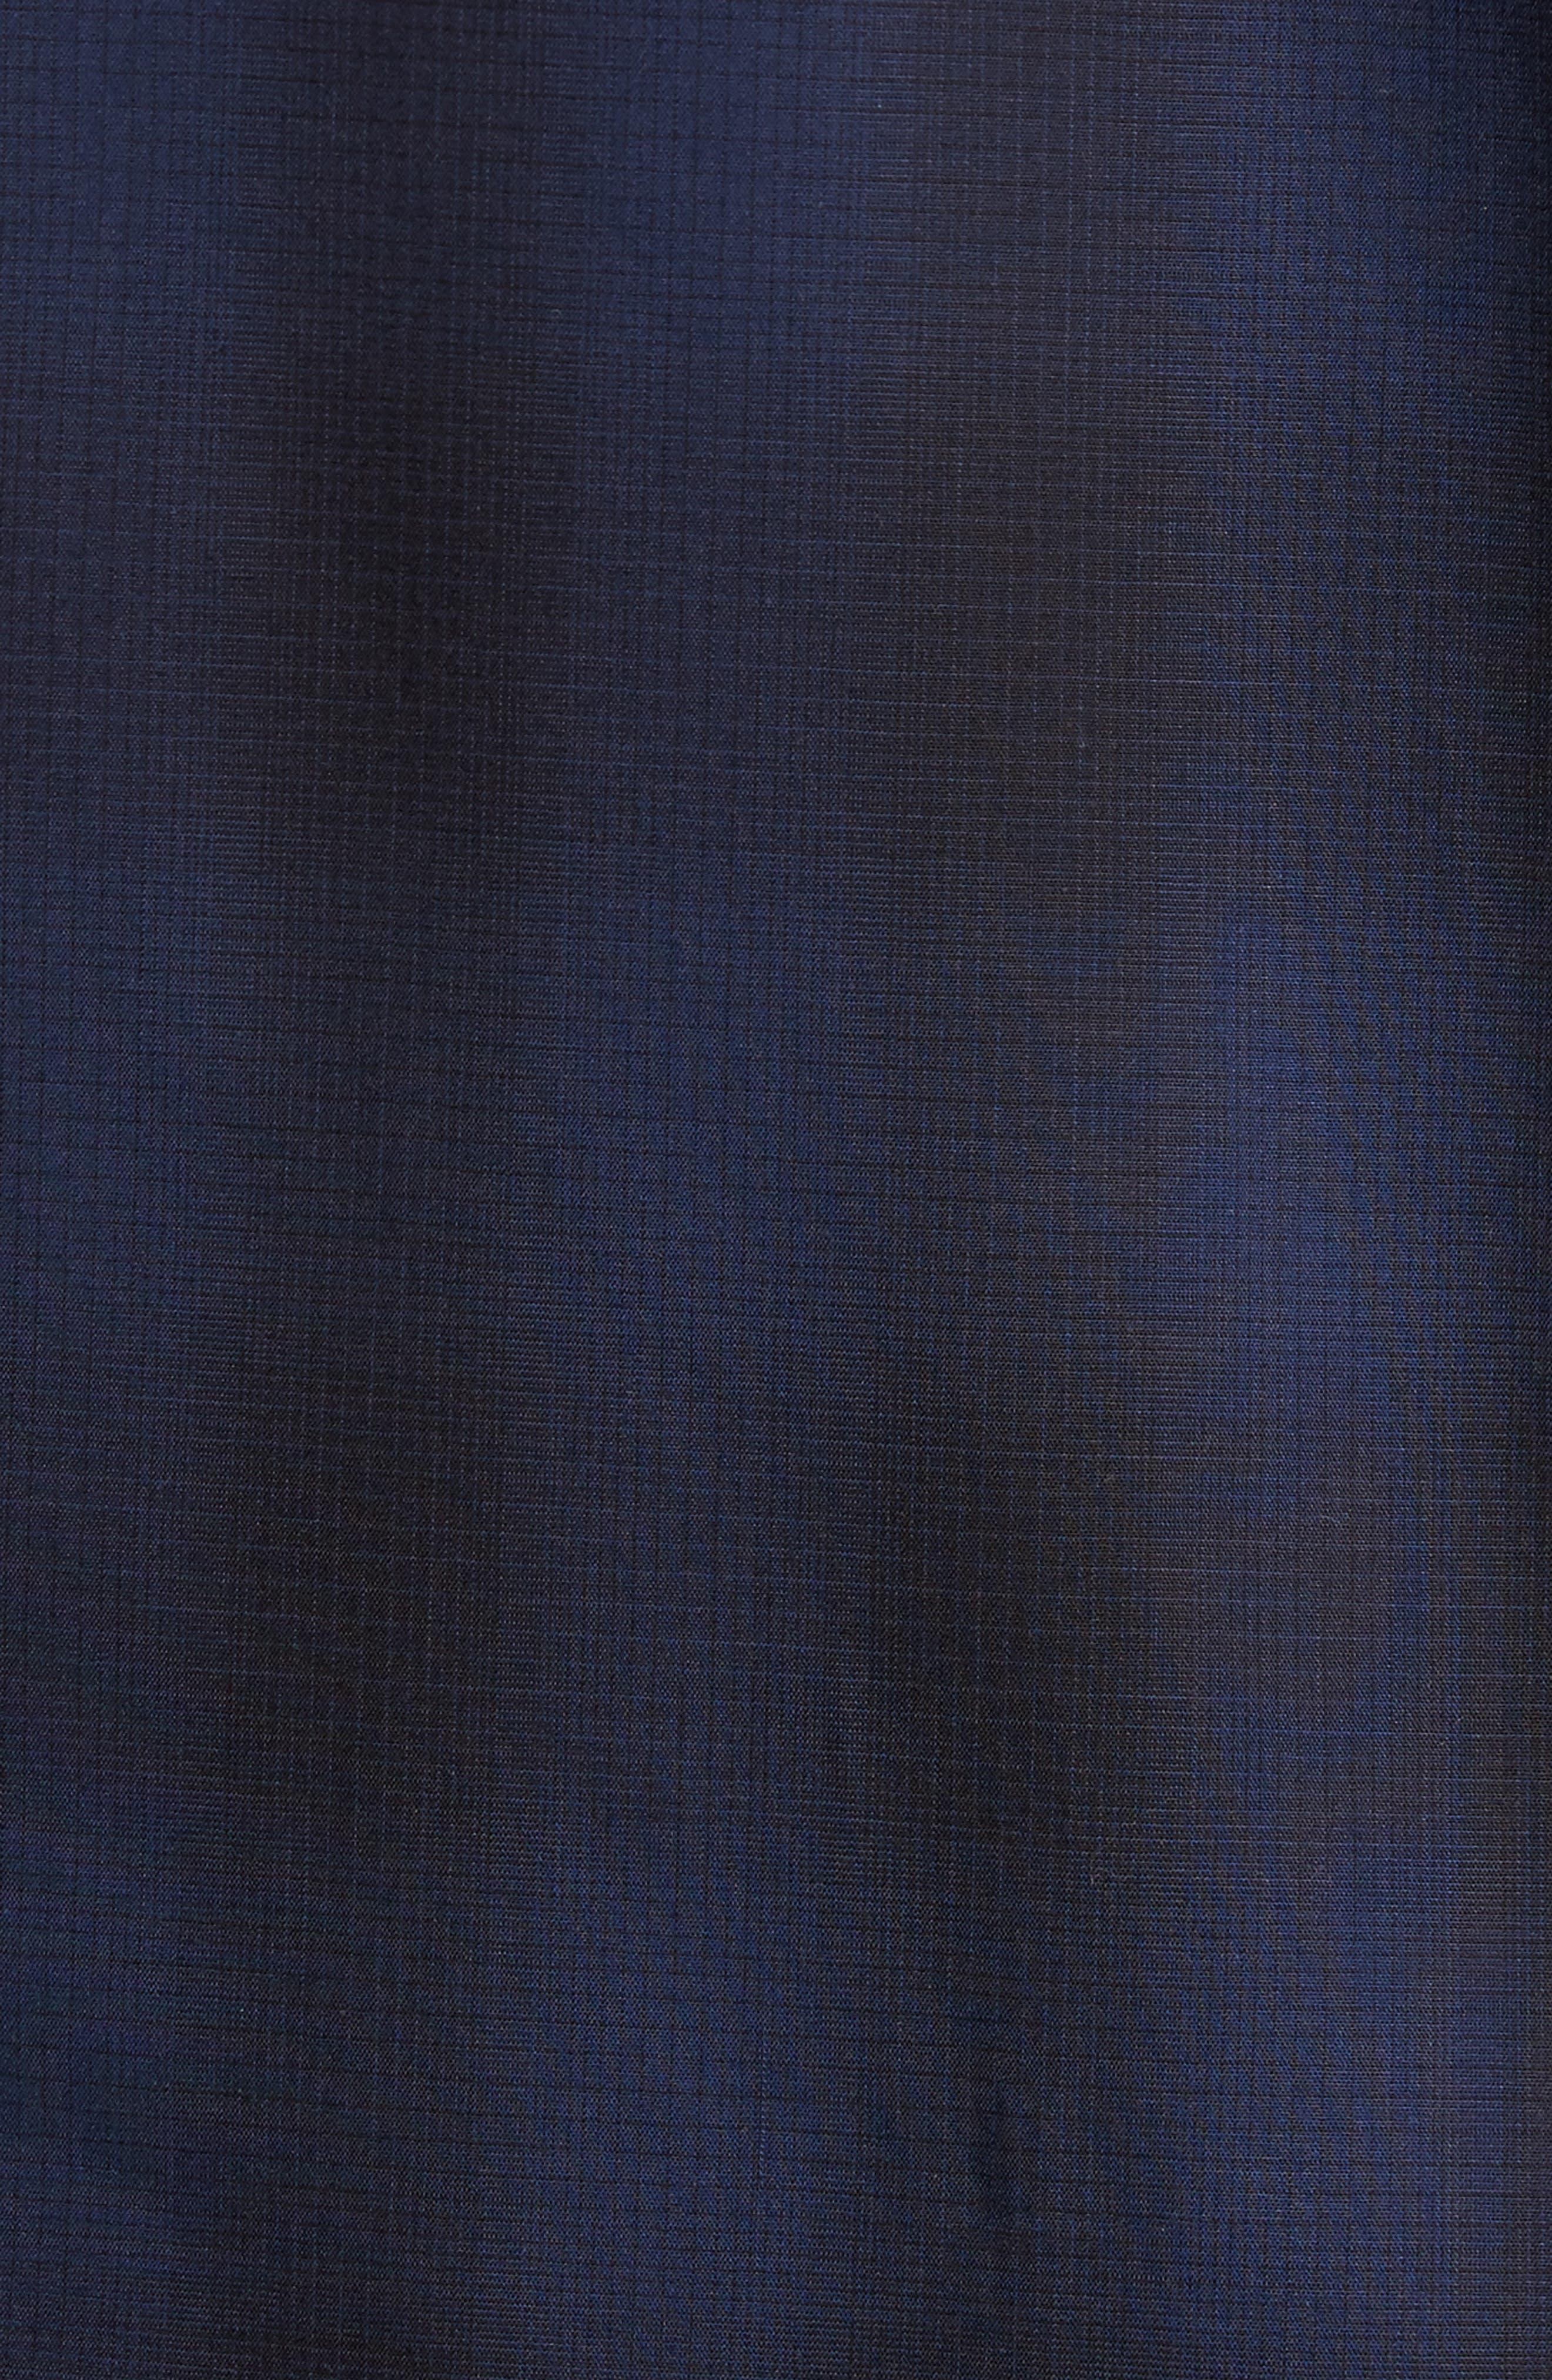 Trim Fit Plaid Sport Shirt,                             Alternate thumbnail 9, color,